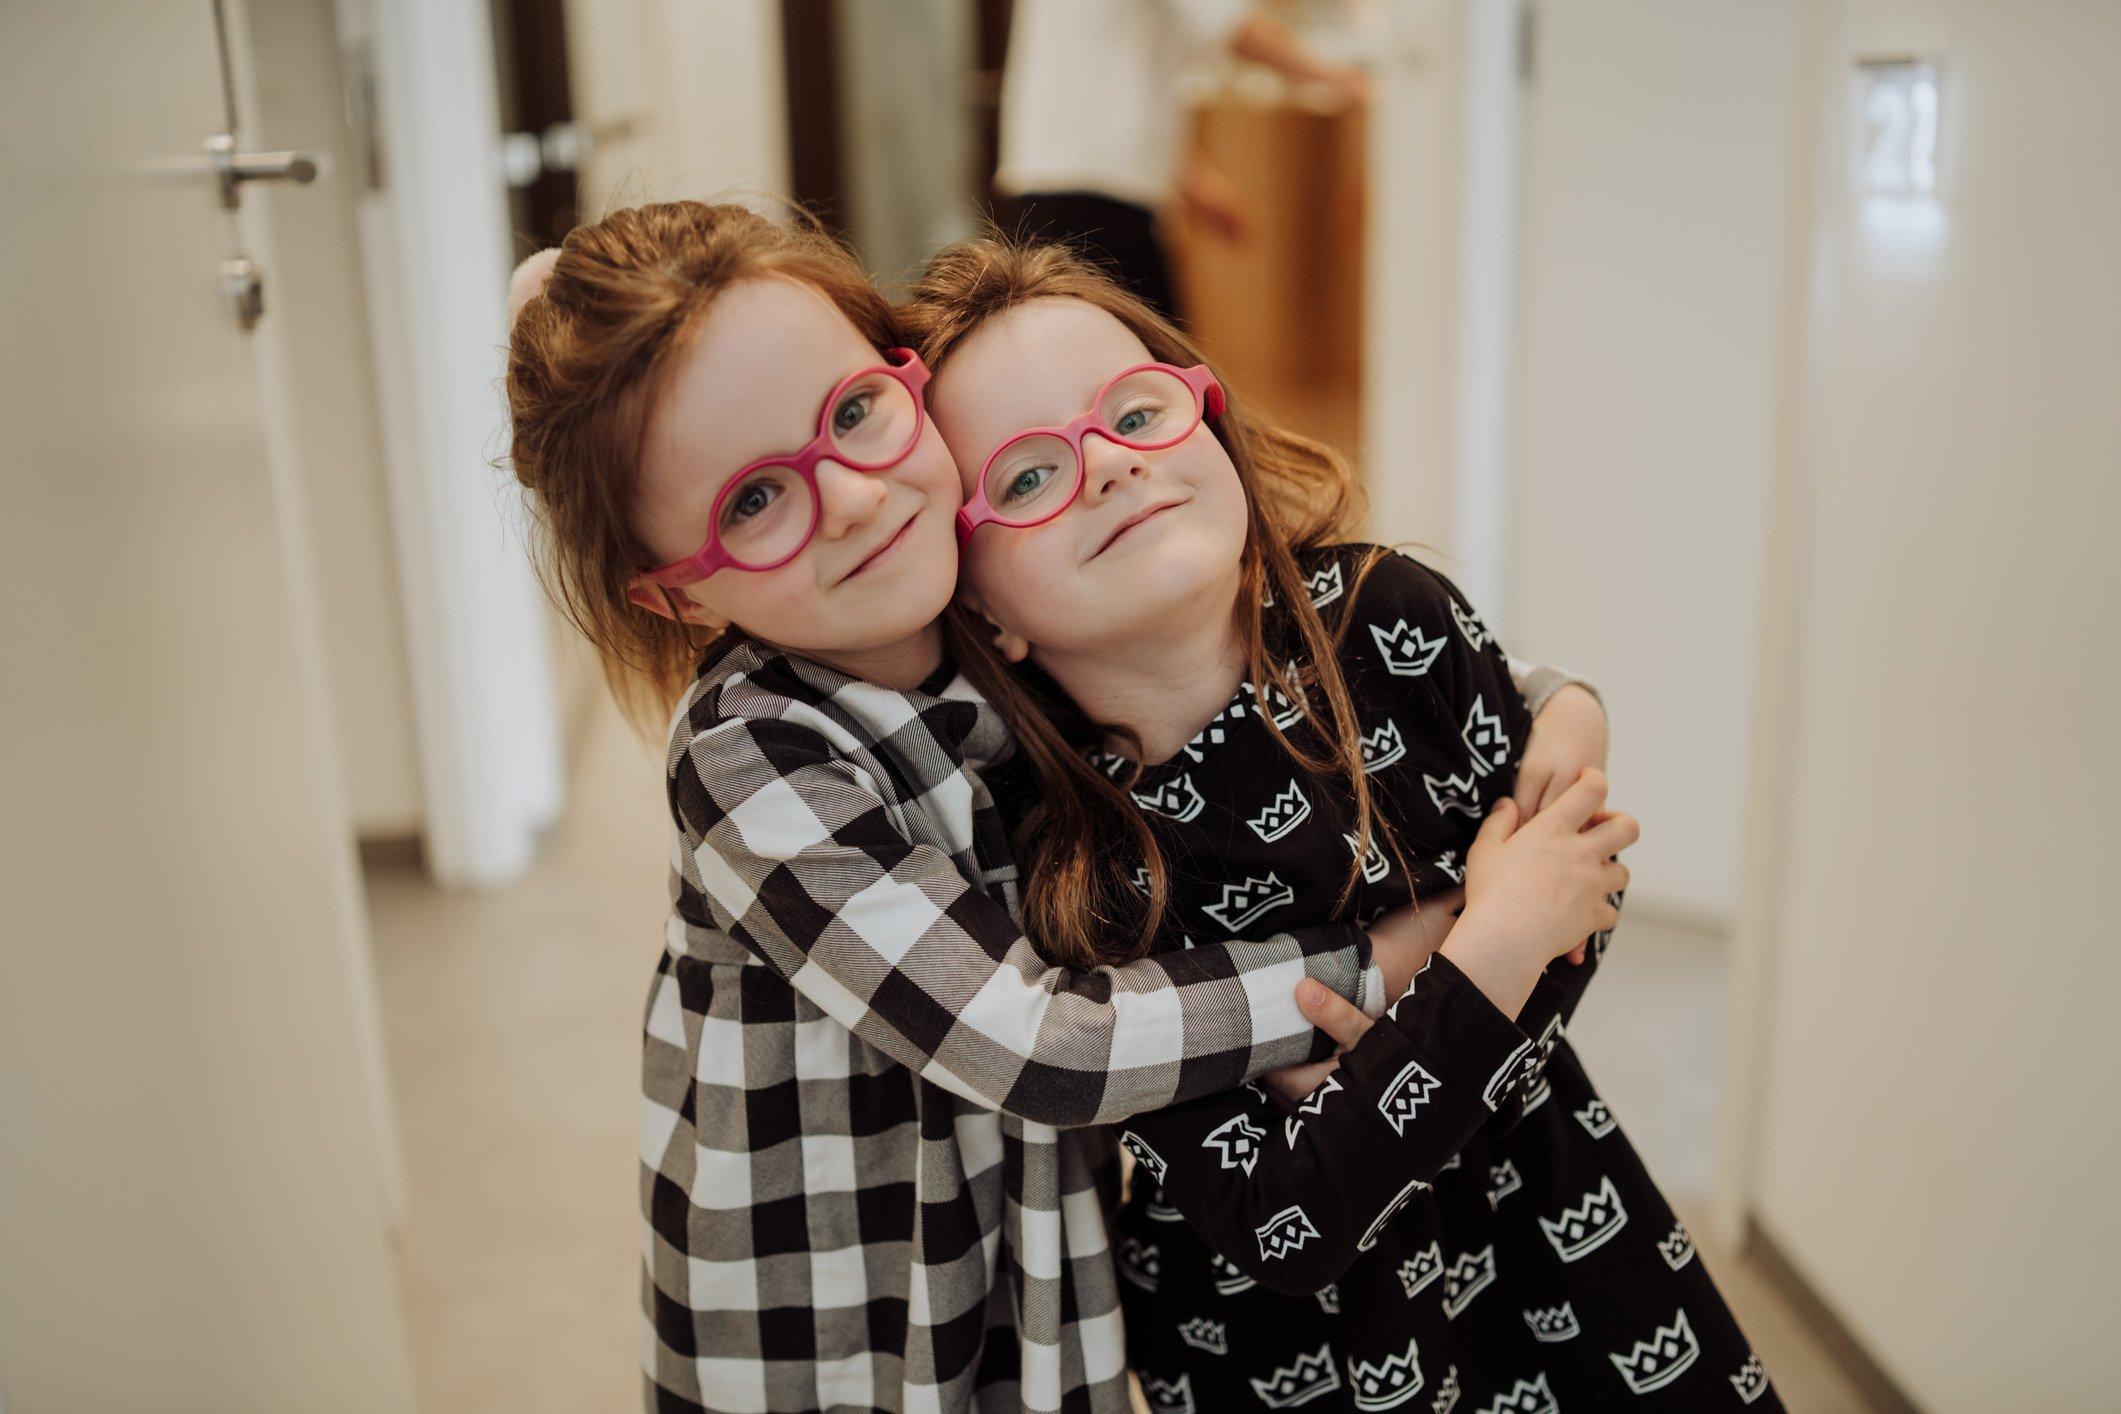 Czy dzieci tracą włosy inaczej niż dorośli?